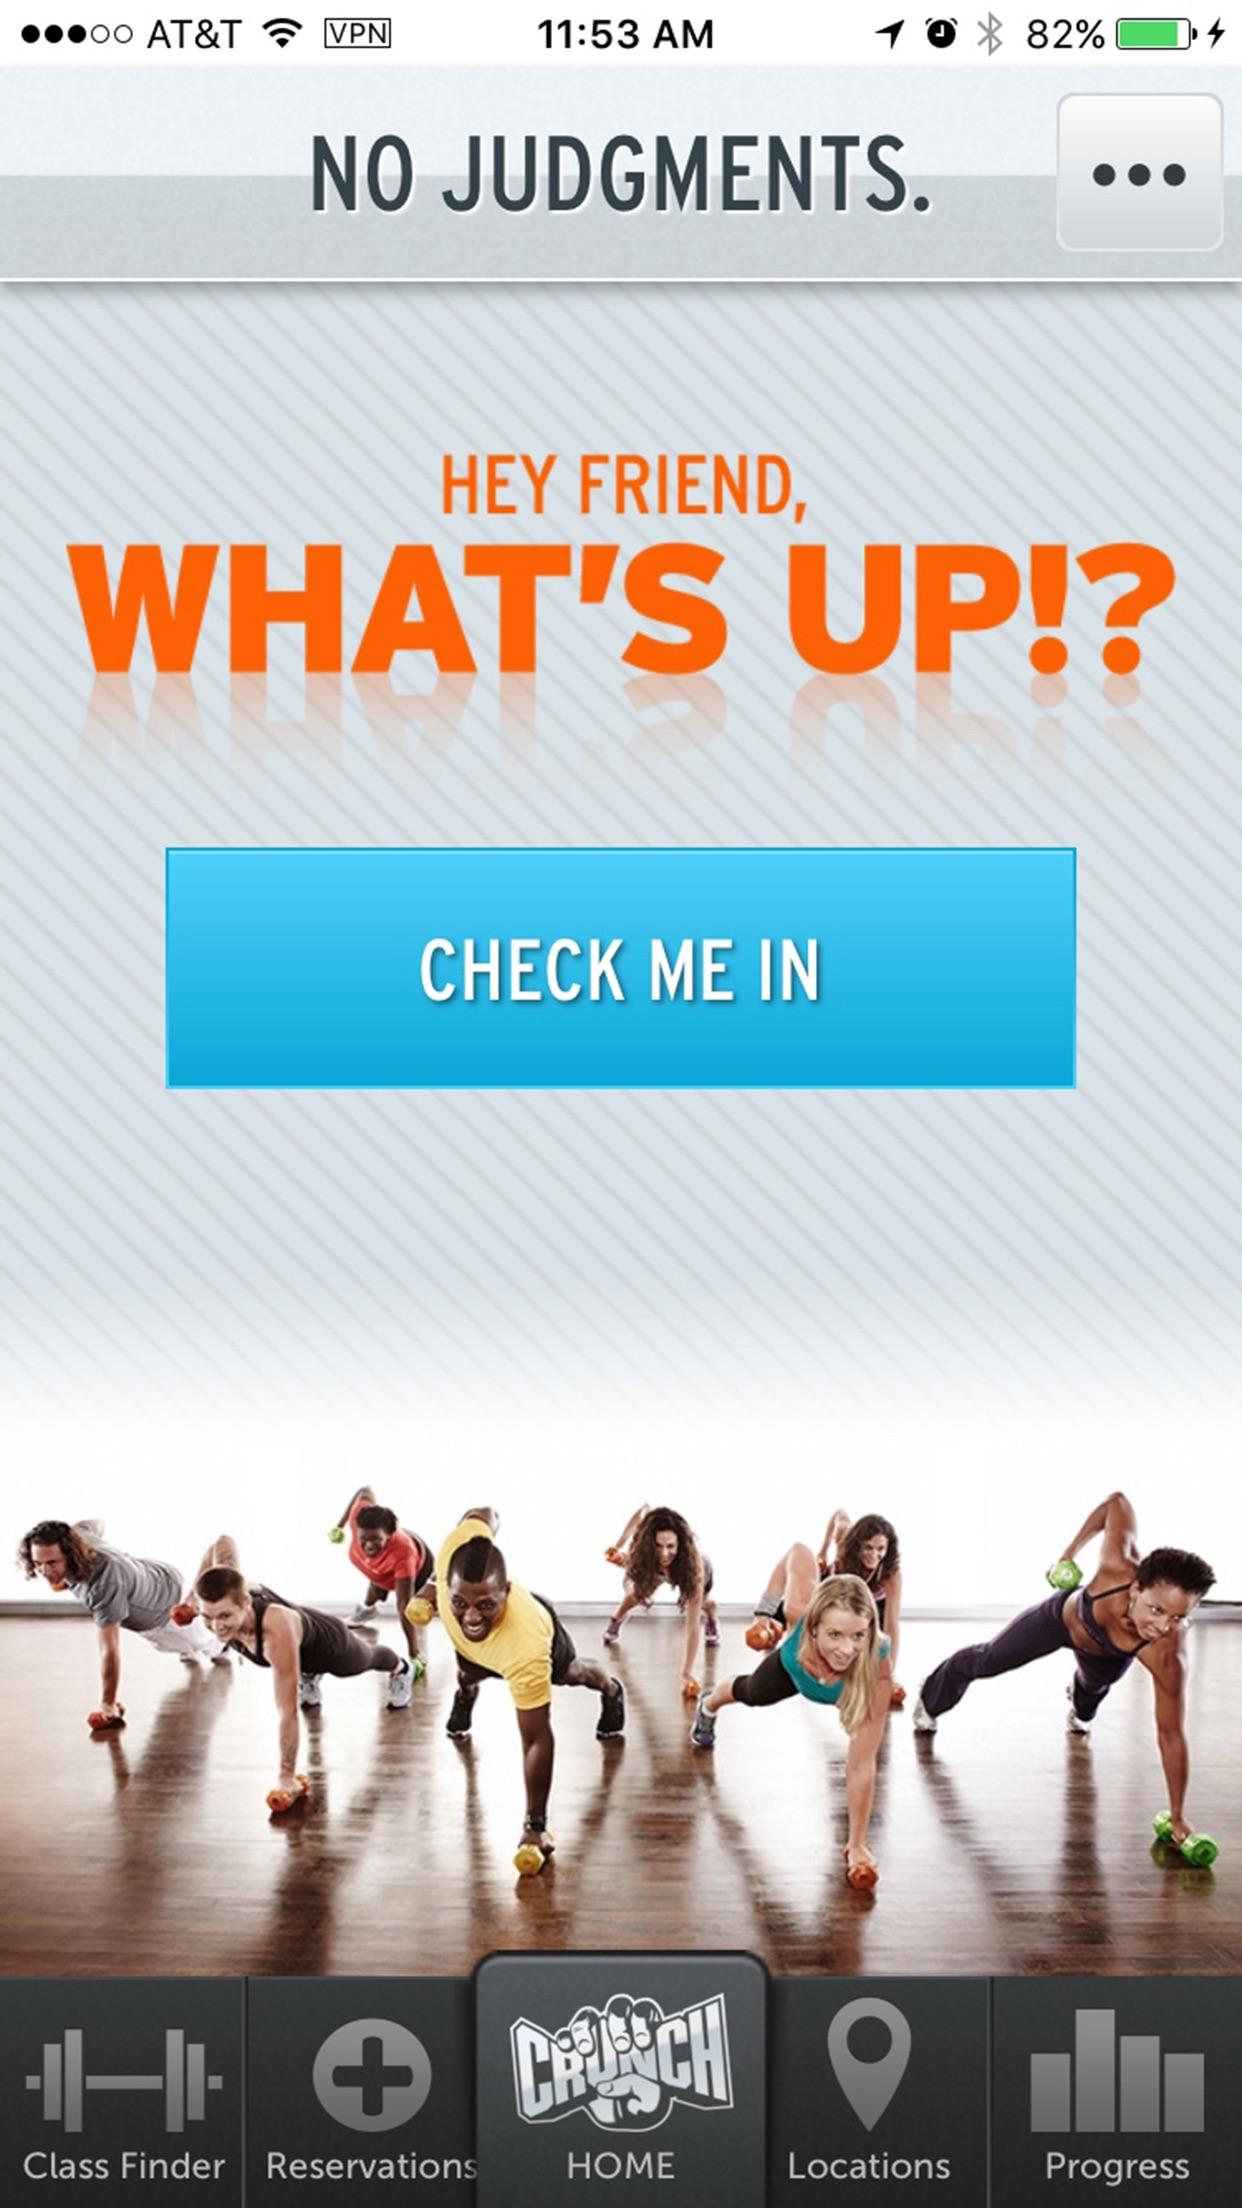 Crunch Fitness Screenshot